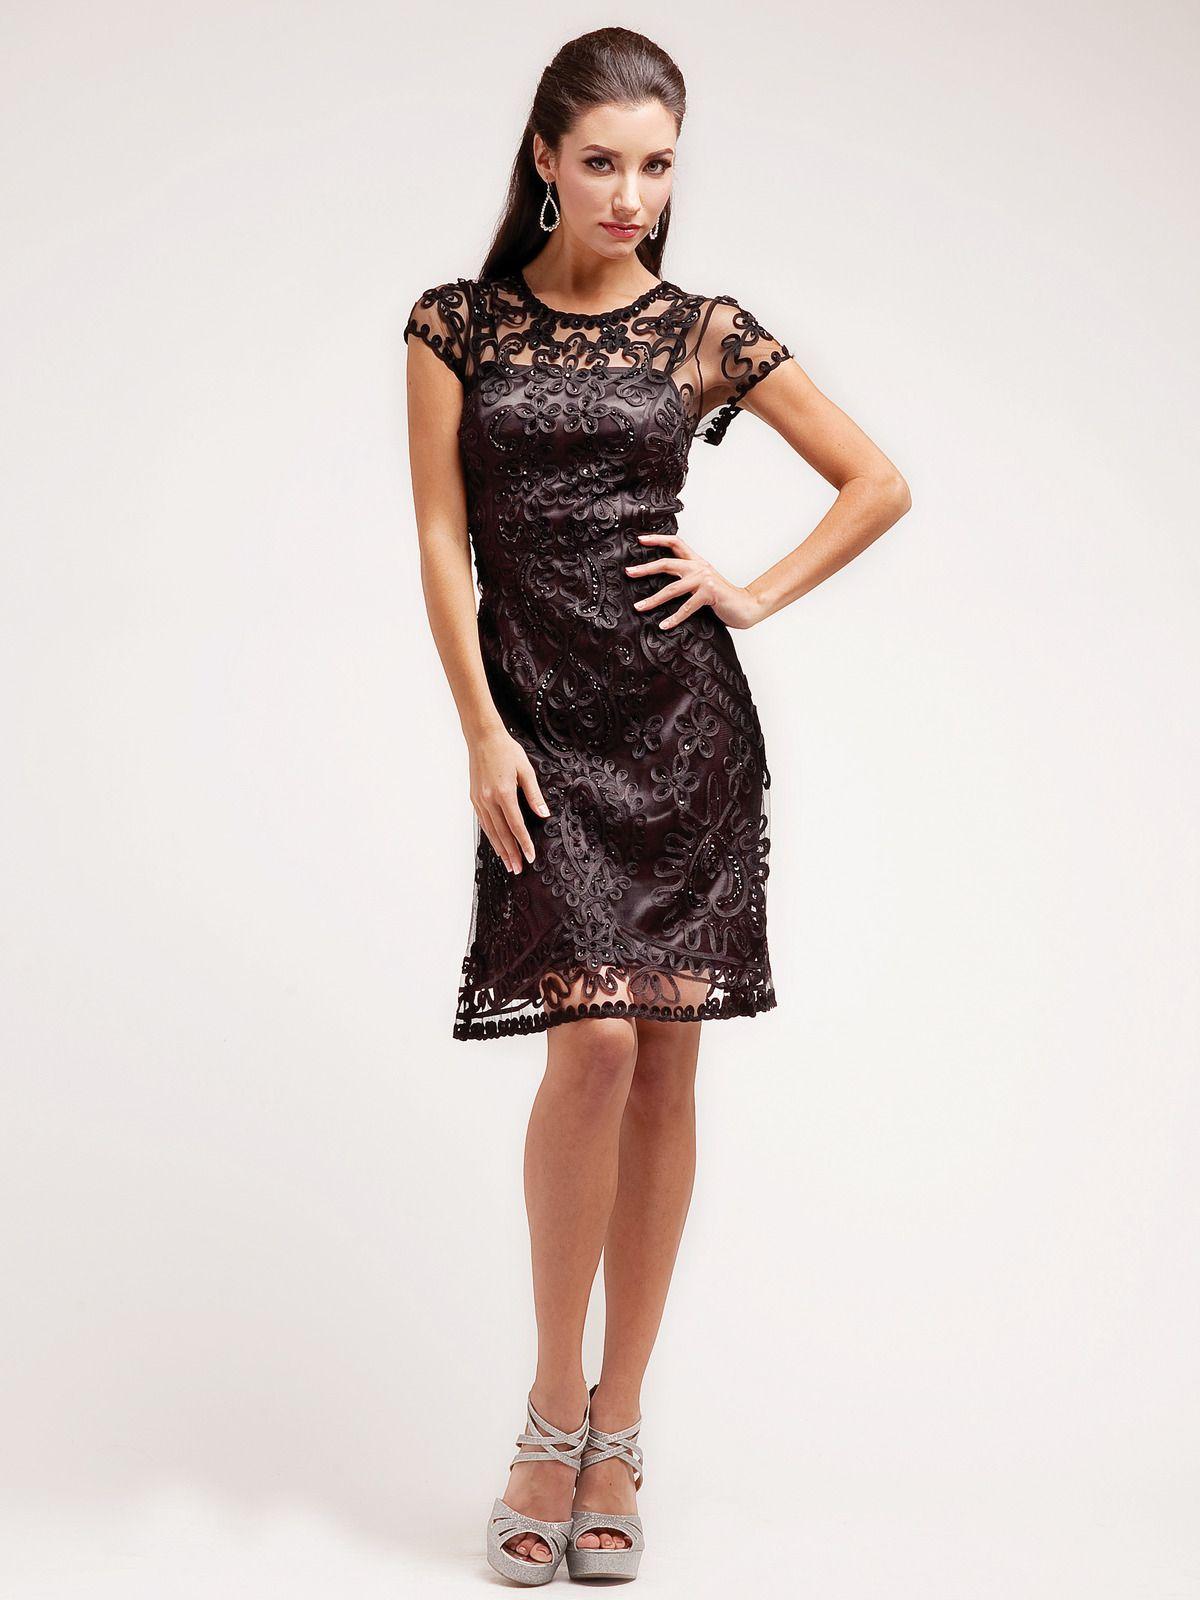 Lace Sheath Cocktail Dress | Sung Boutique L.A. | Cocktail Dresses ...